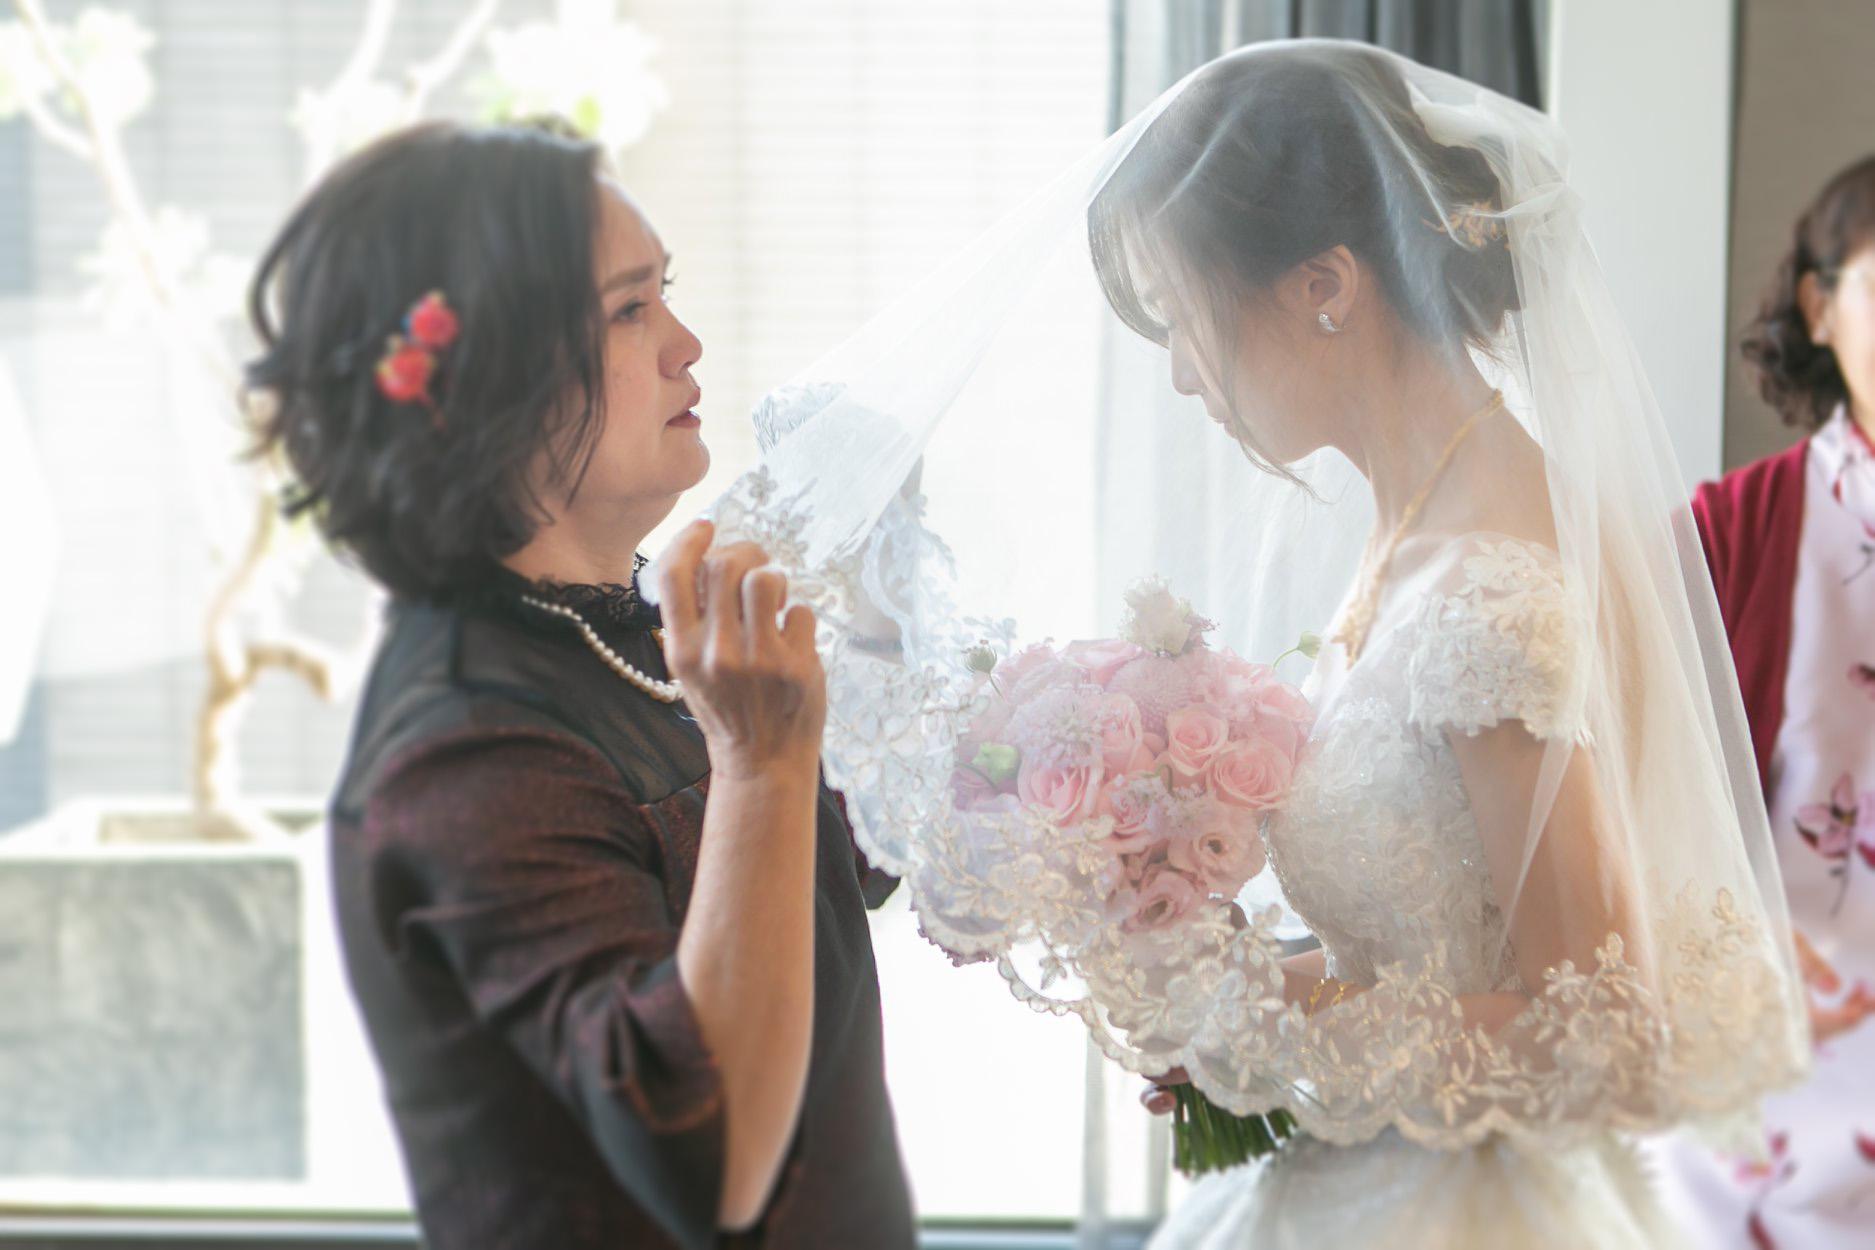 台北新秘推薦|新娘秘書雨晴|婚禮攝影平面紀錄|七囍|GTpeng|結婚拜別|時間安排|結婚流程|蓋頭紗